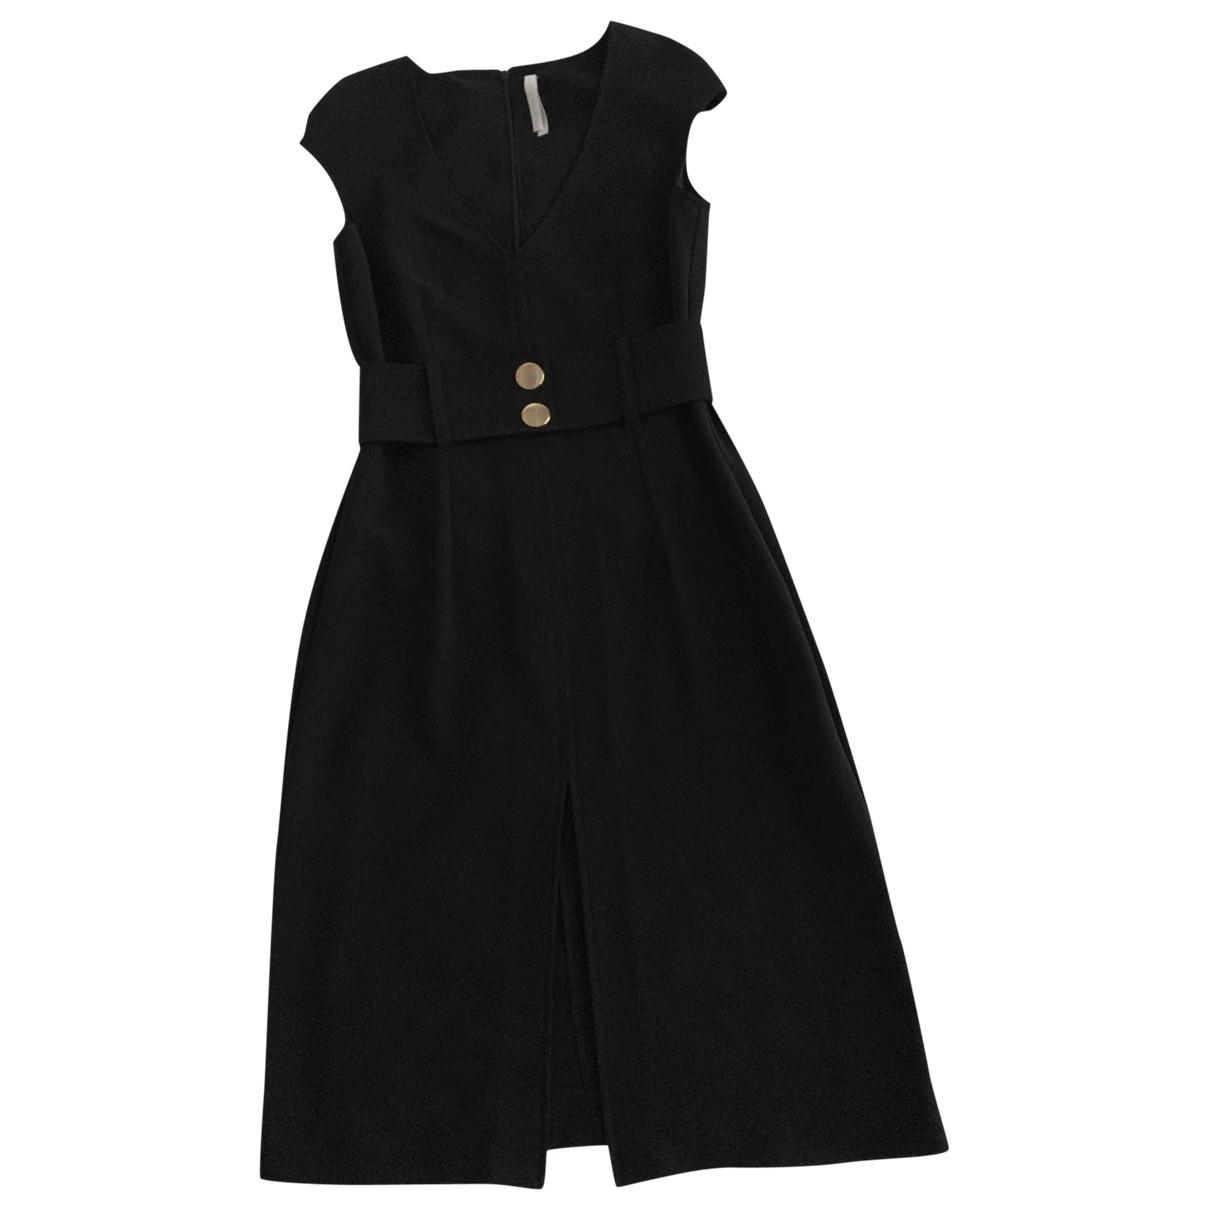 Imperial \N Kleid in  Schwarz Polyester